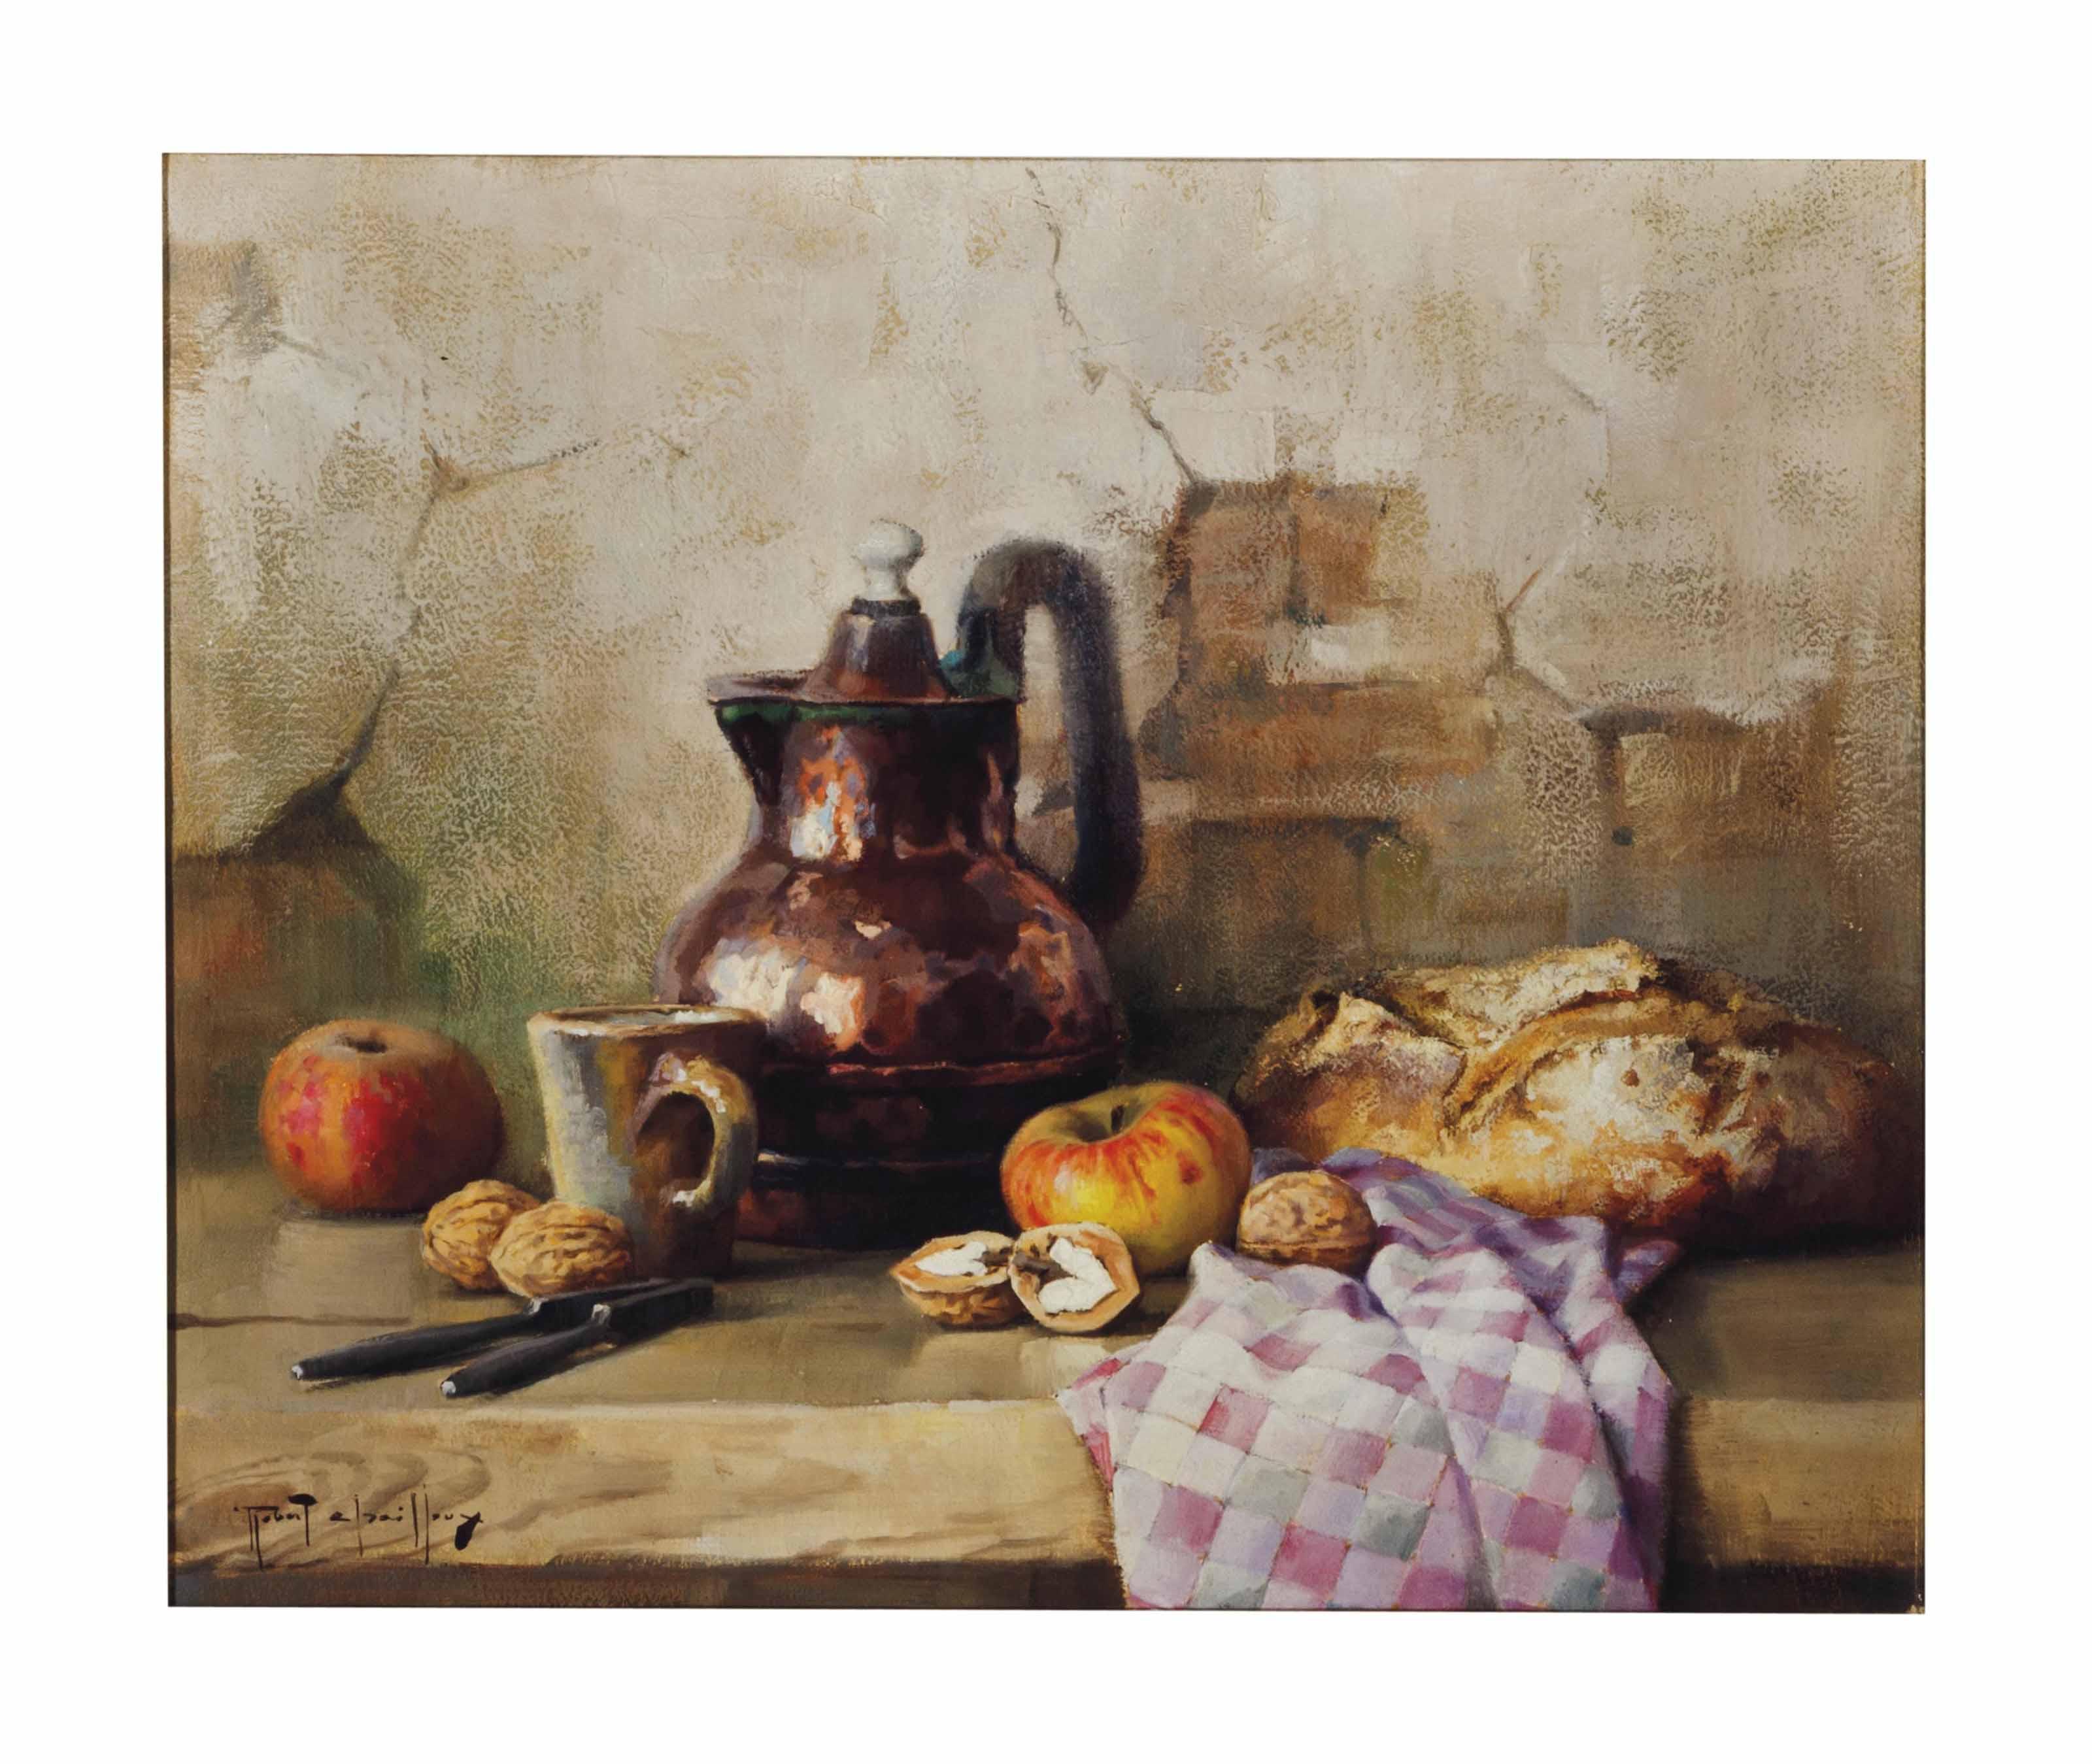 Still life with tankard, bread, apples and walnuts